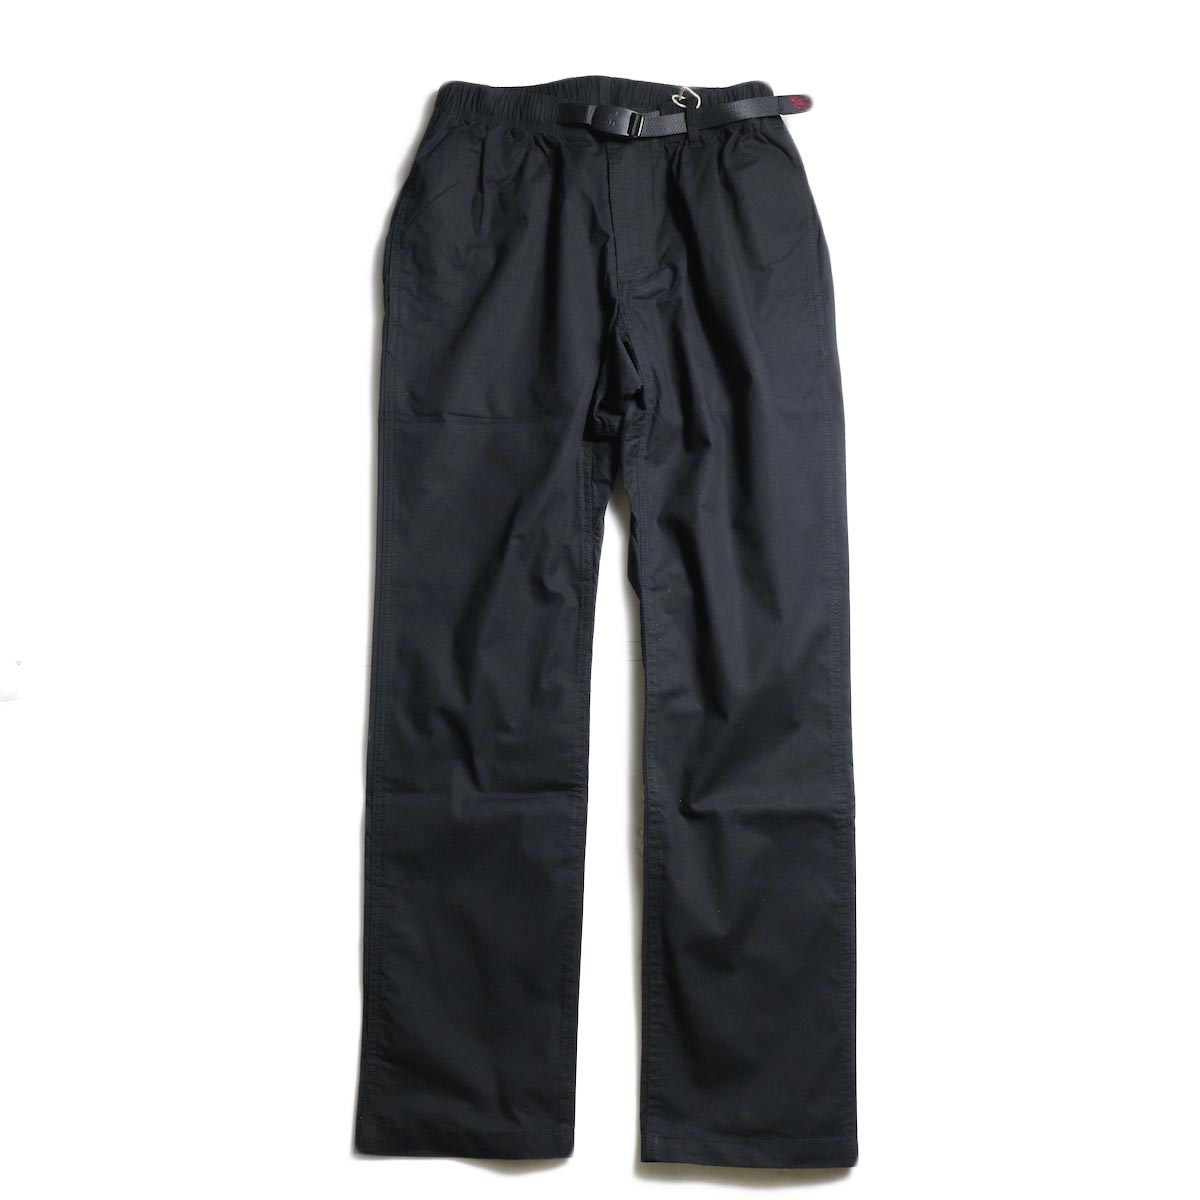 GRAMICCI / Weather NN-Pants Just Cut (Black)